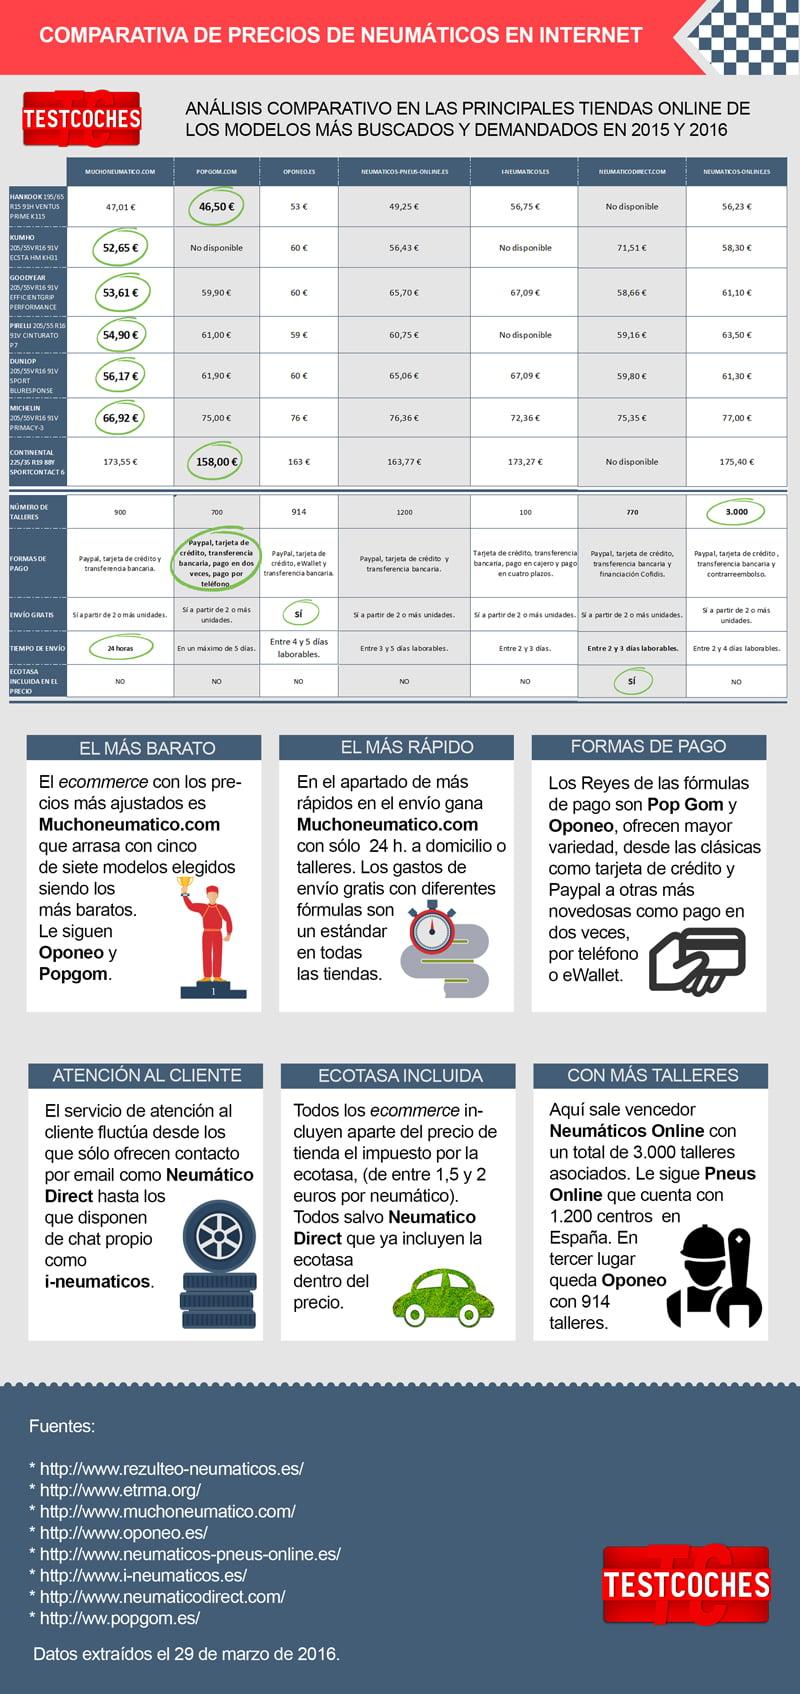 infografia precios neumaticos online baratos